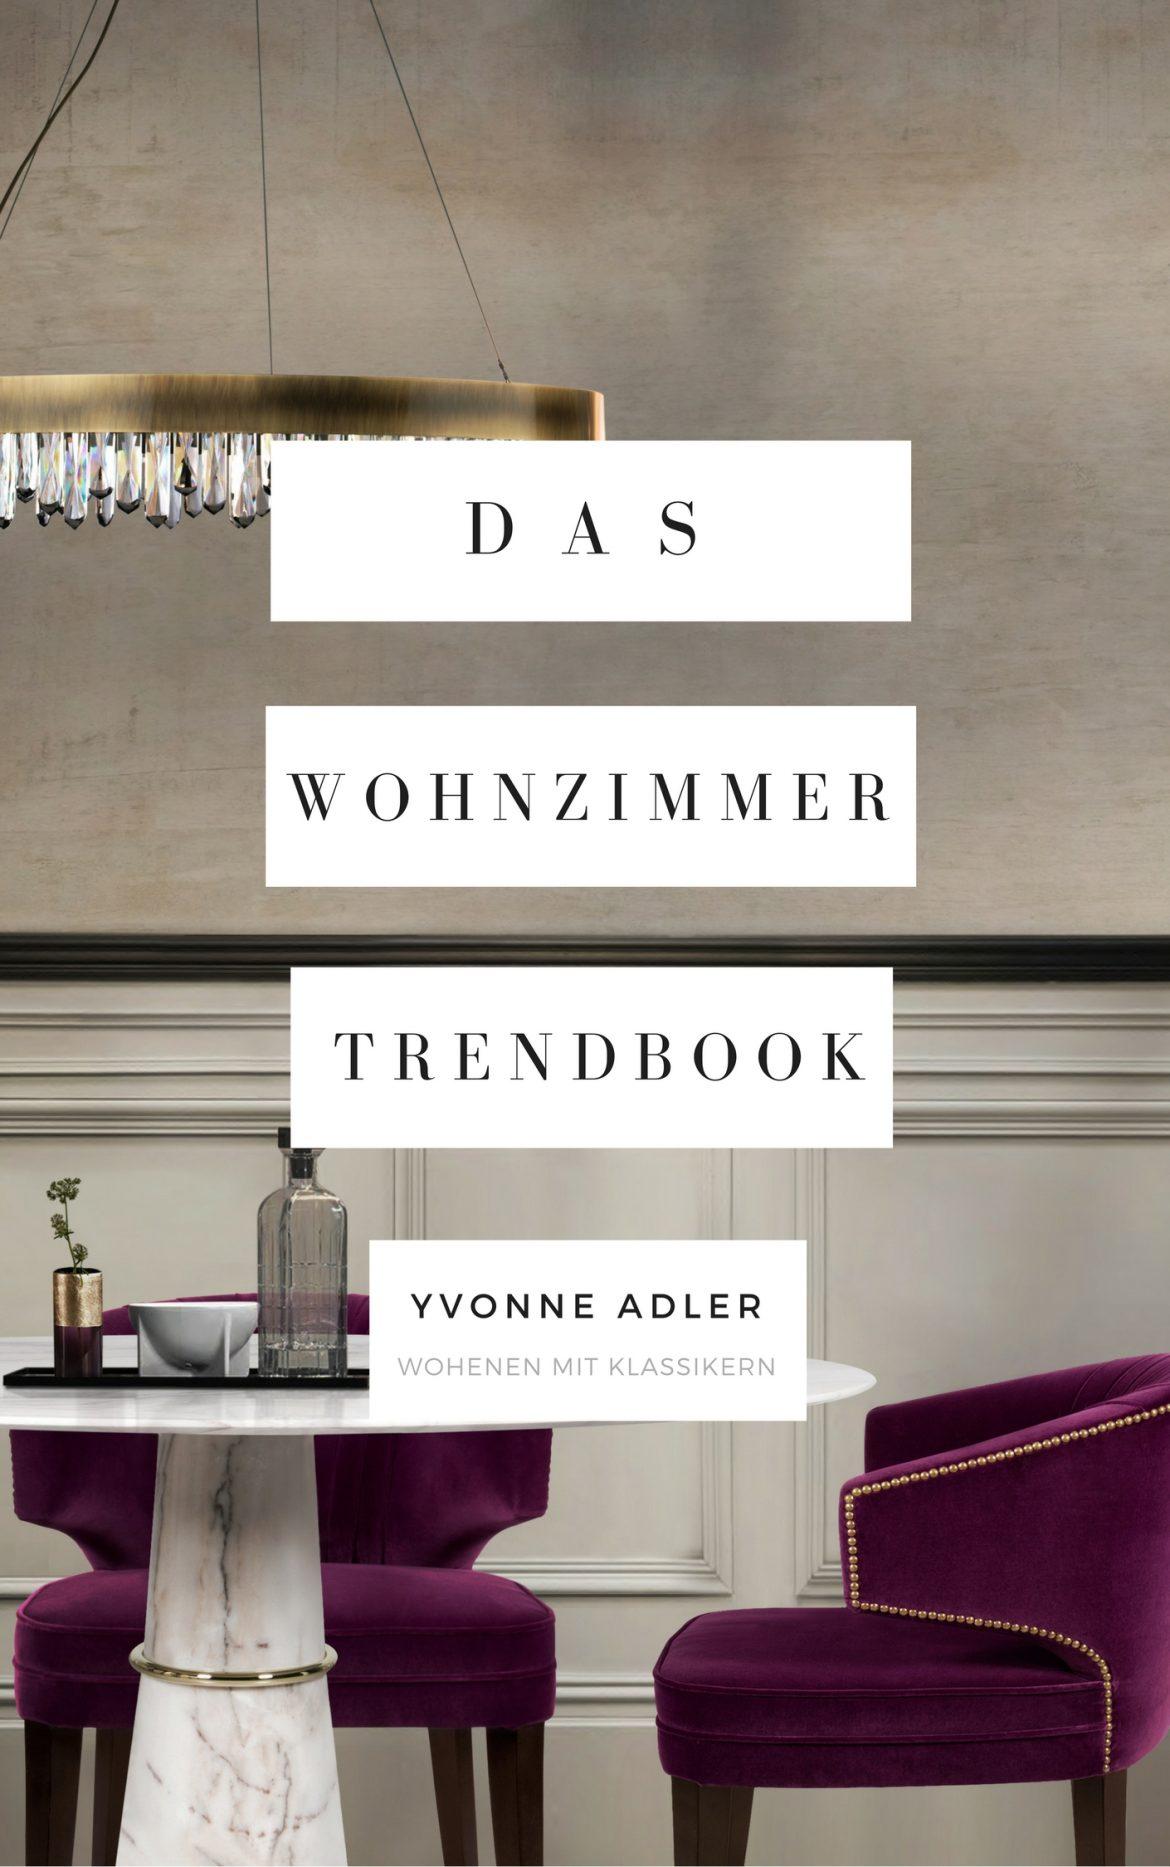 Wohnzimmer Trendbook Erstaunliches Wohnzimmer Trendbook 1 3